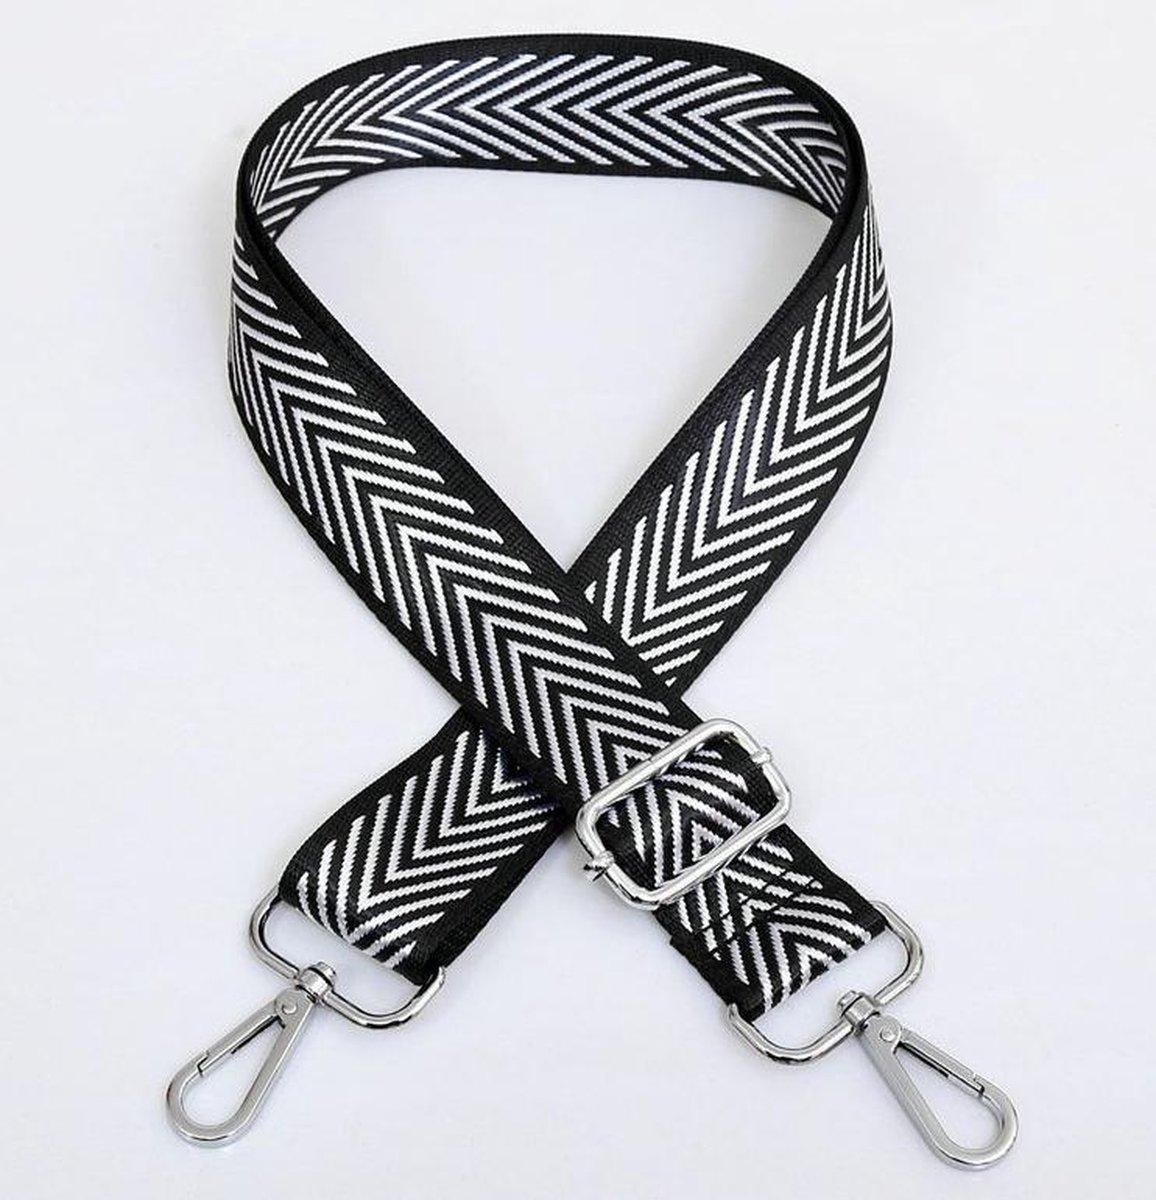 Bag Strap - Bagstrap - Tassenriem - Schouderband - Verstelbaar - Zwart/Wit Zebra Print - Zilveren Ge